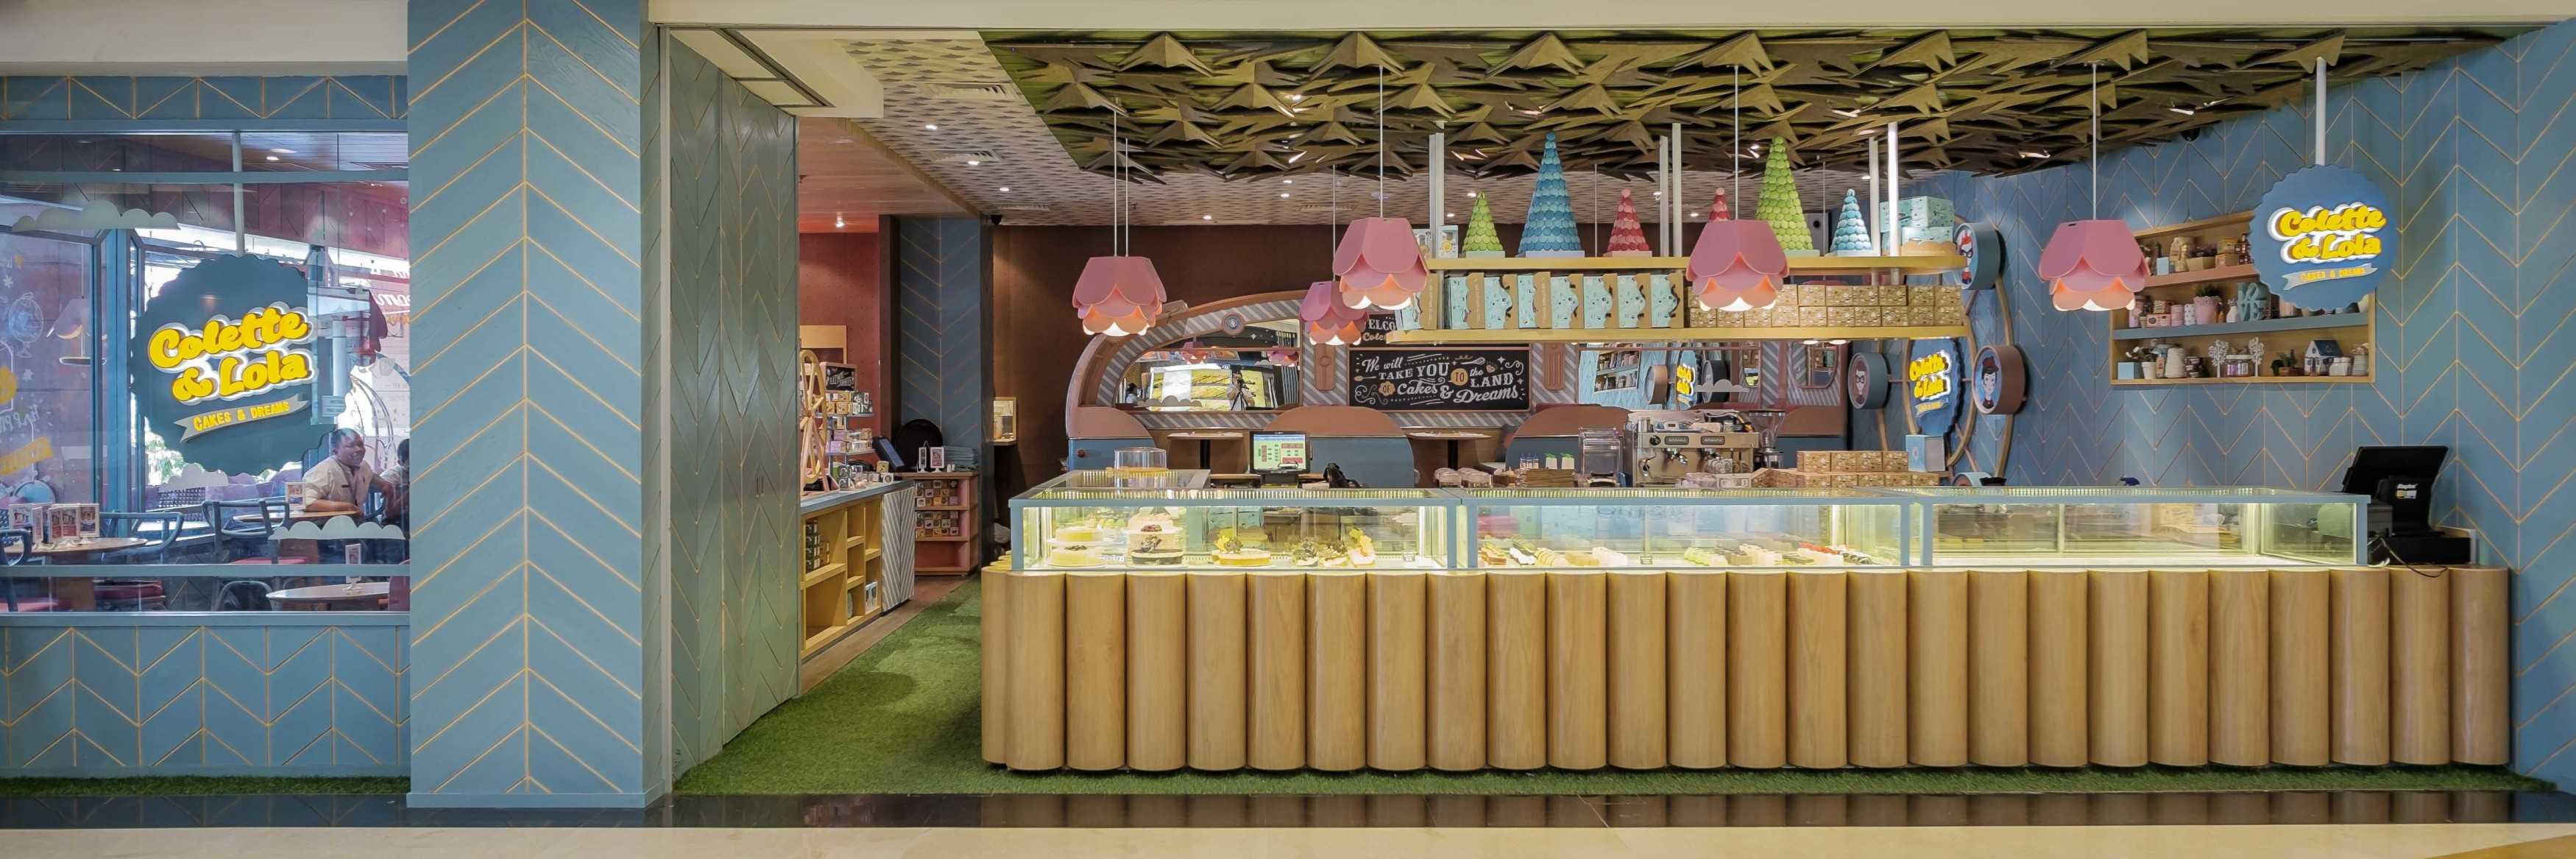 Alvin Tjitrowirjo, Alvint Studio Colette Lola Puri Indah  Puri Indah Mall, Jakarta  Puri Indah Mall, Jakarta  Front View Industrial  15628